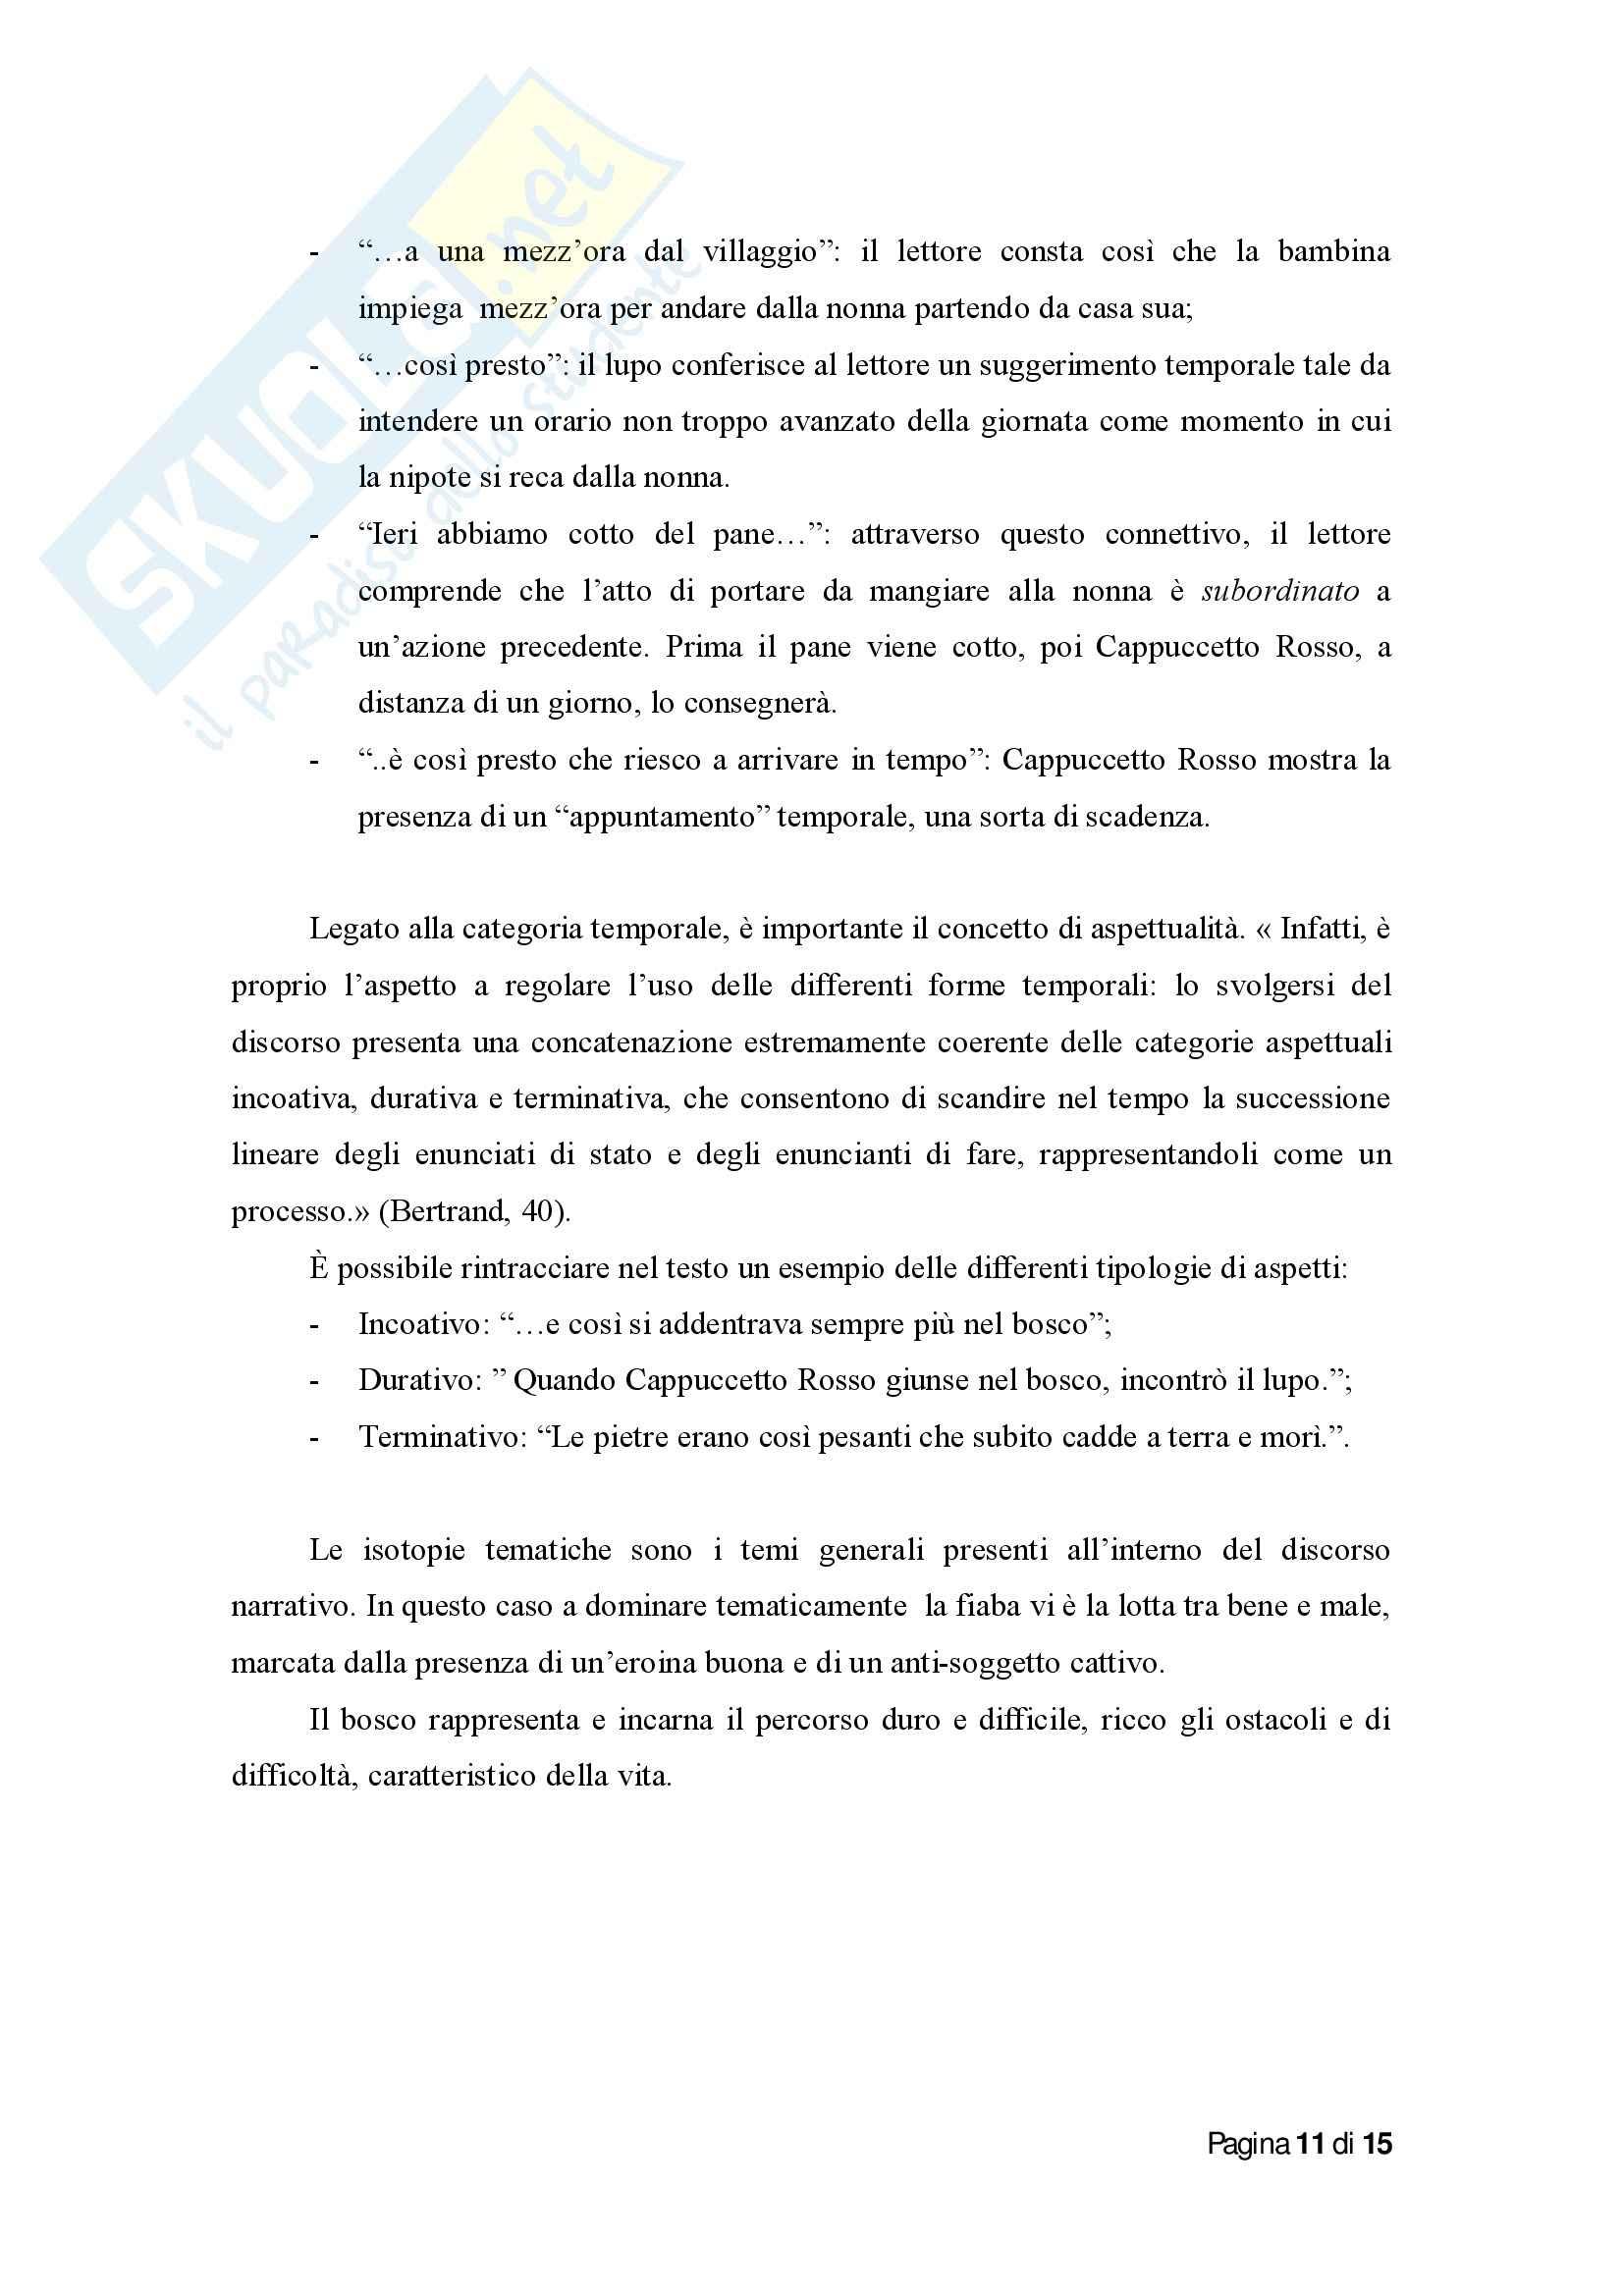 Tesi su Cappuccetto Rosso per Analisi semiotica Pag. 11